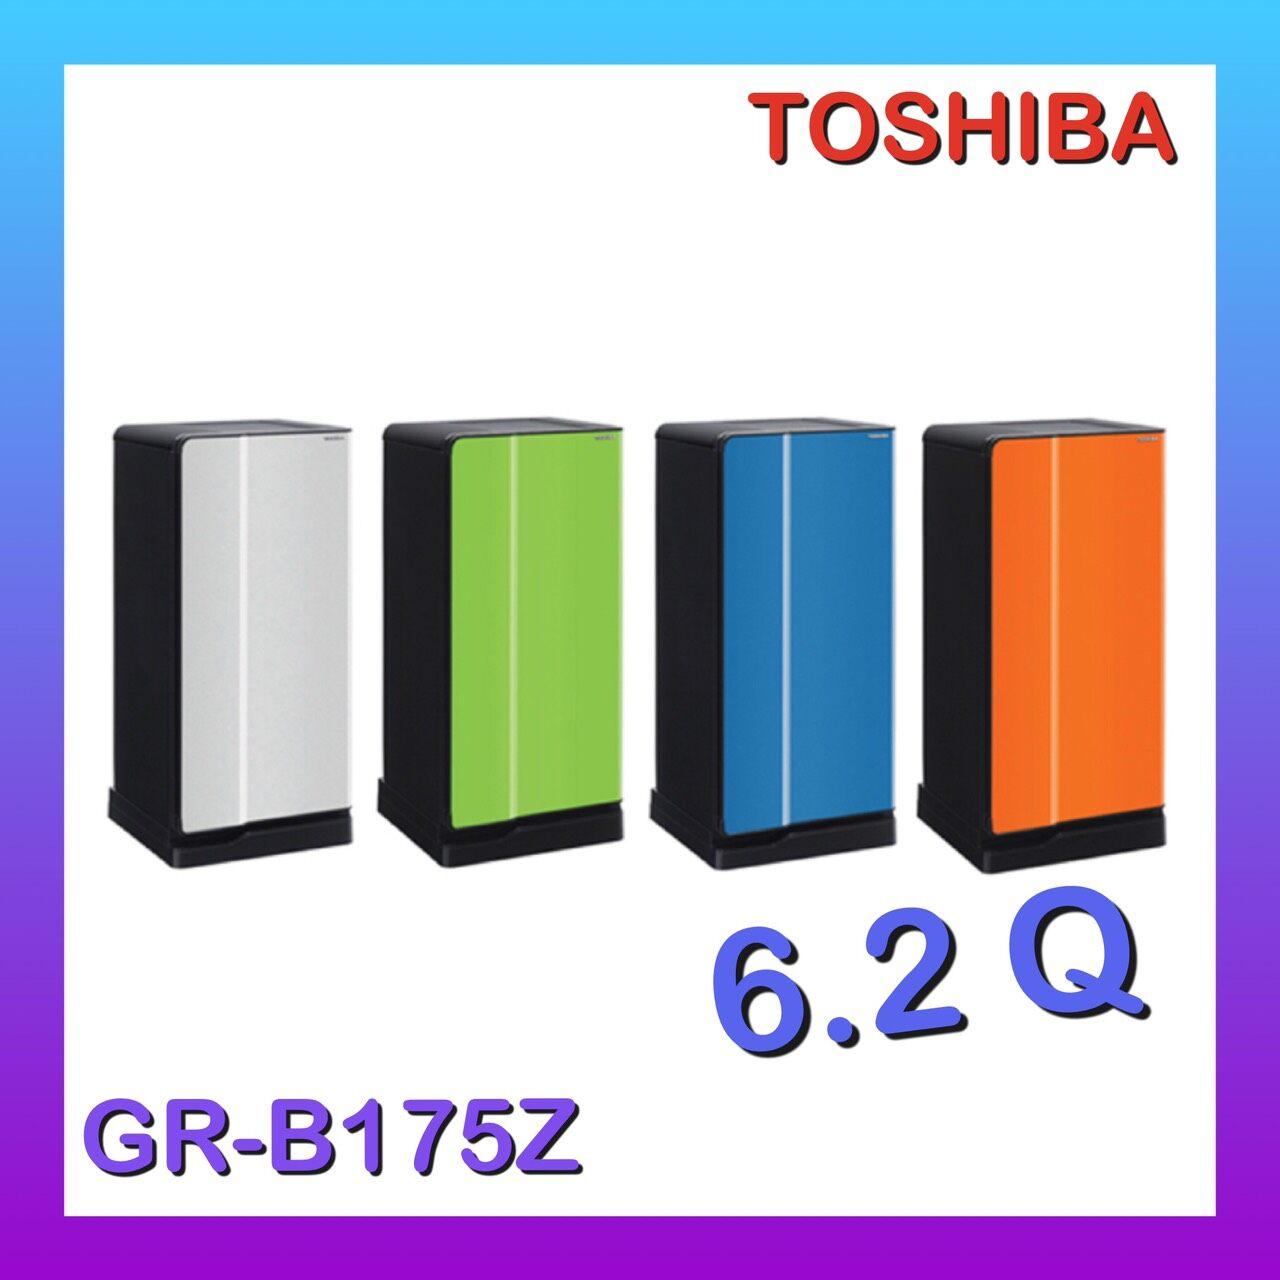 ตู้เย็น Toshiba ประตูเดียว  6.2 คิว,  รุ่น Gr-B175z, ตู้เย็น Toshiba 6 คิว, ตู้เย็น โตชิบา 6 คิว, ตู้เย็น โตชิบา 6.2 คิว.